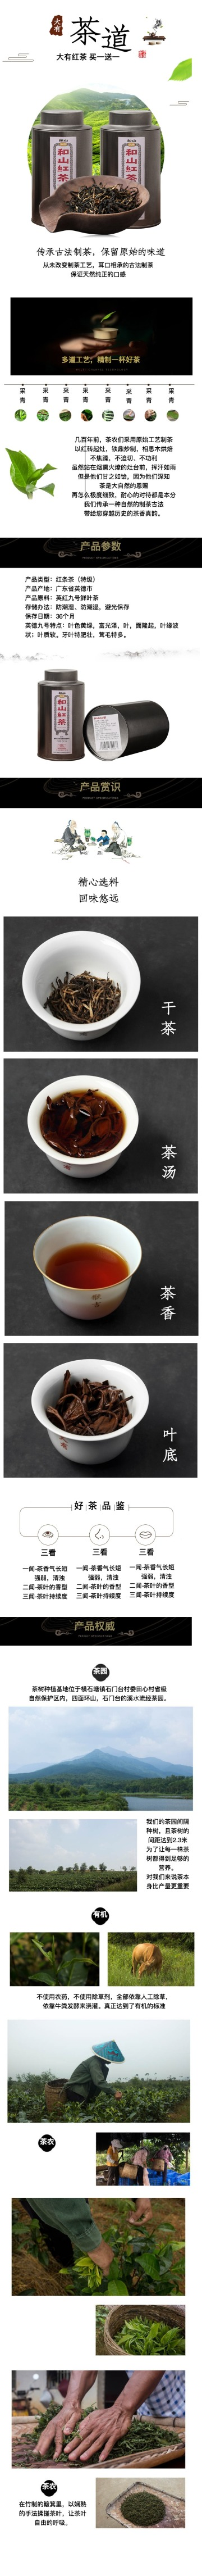 清新自然和山红茶电商详情图